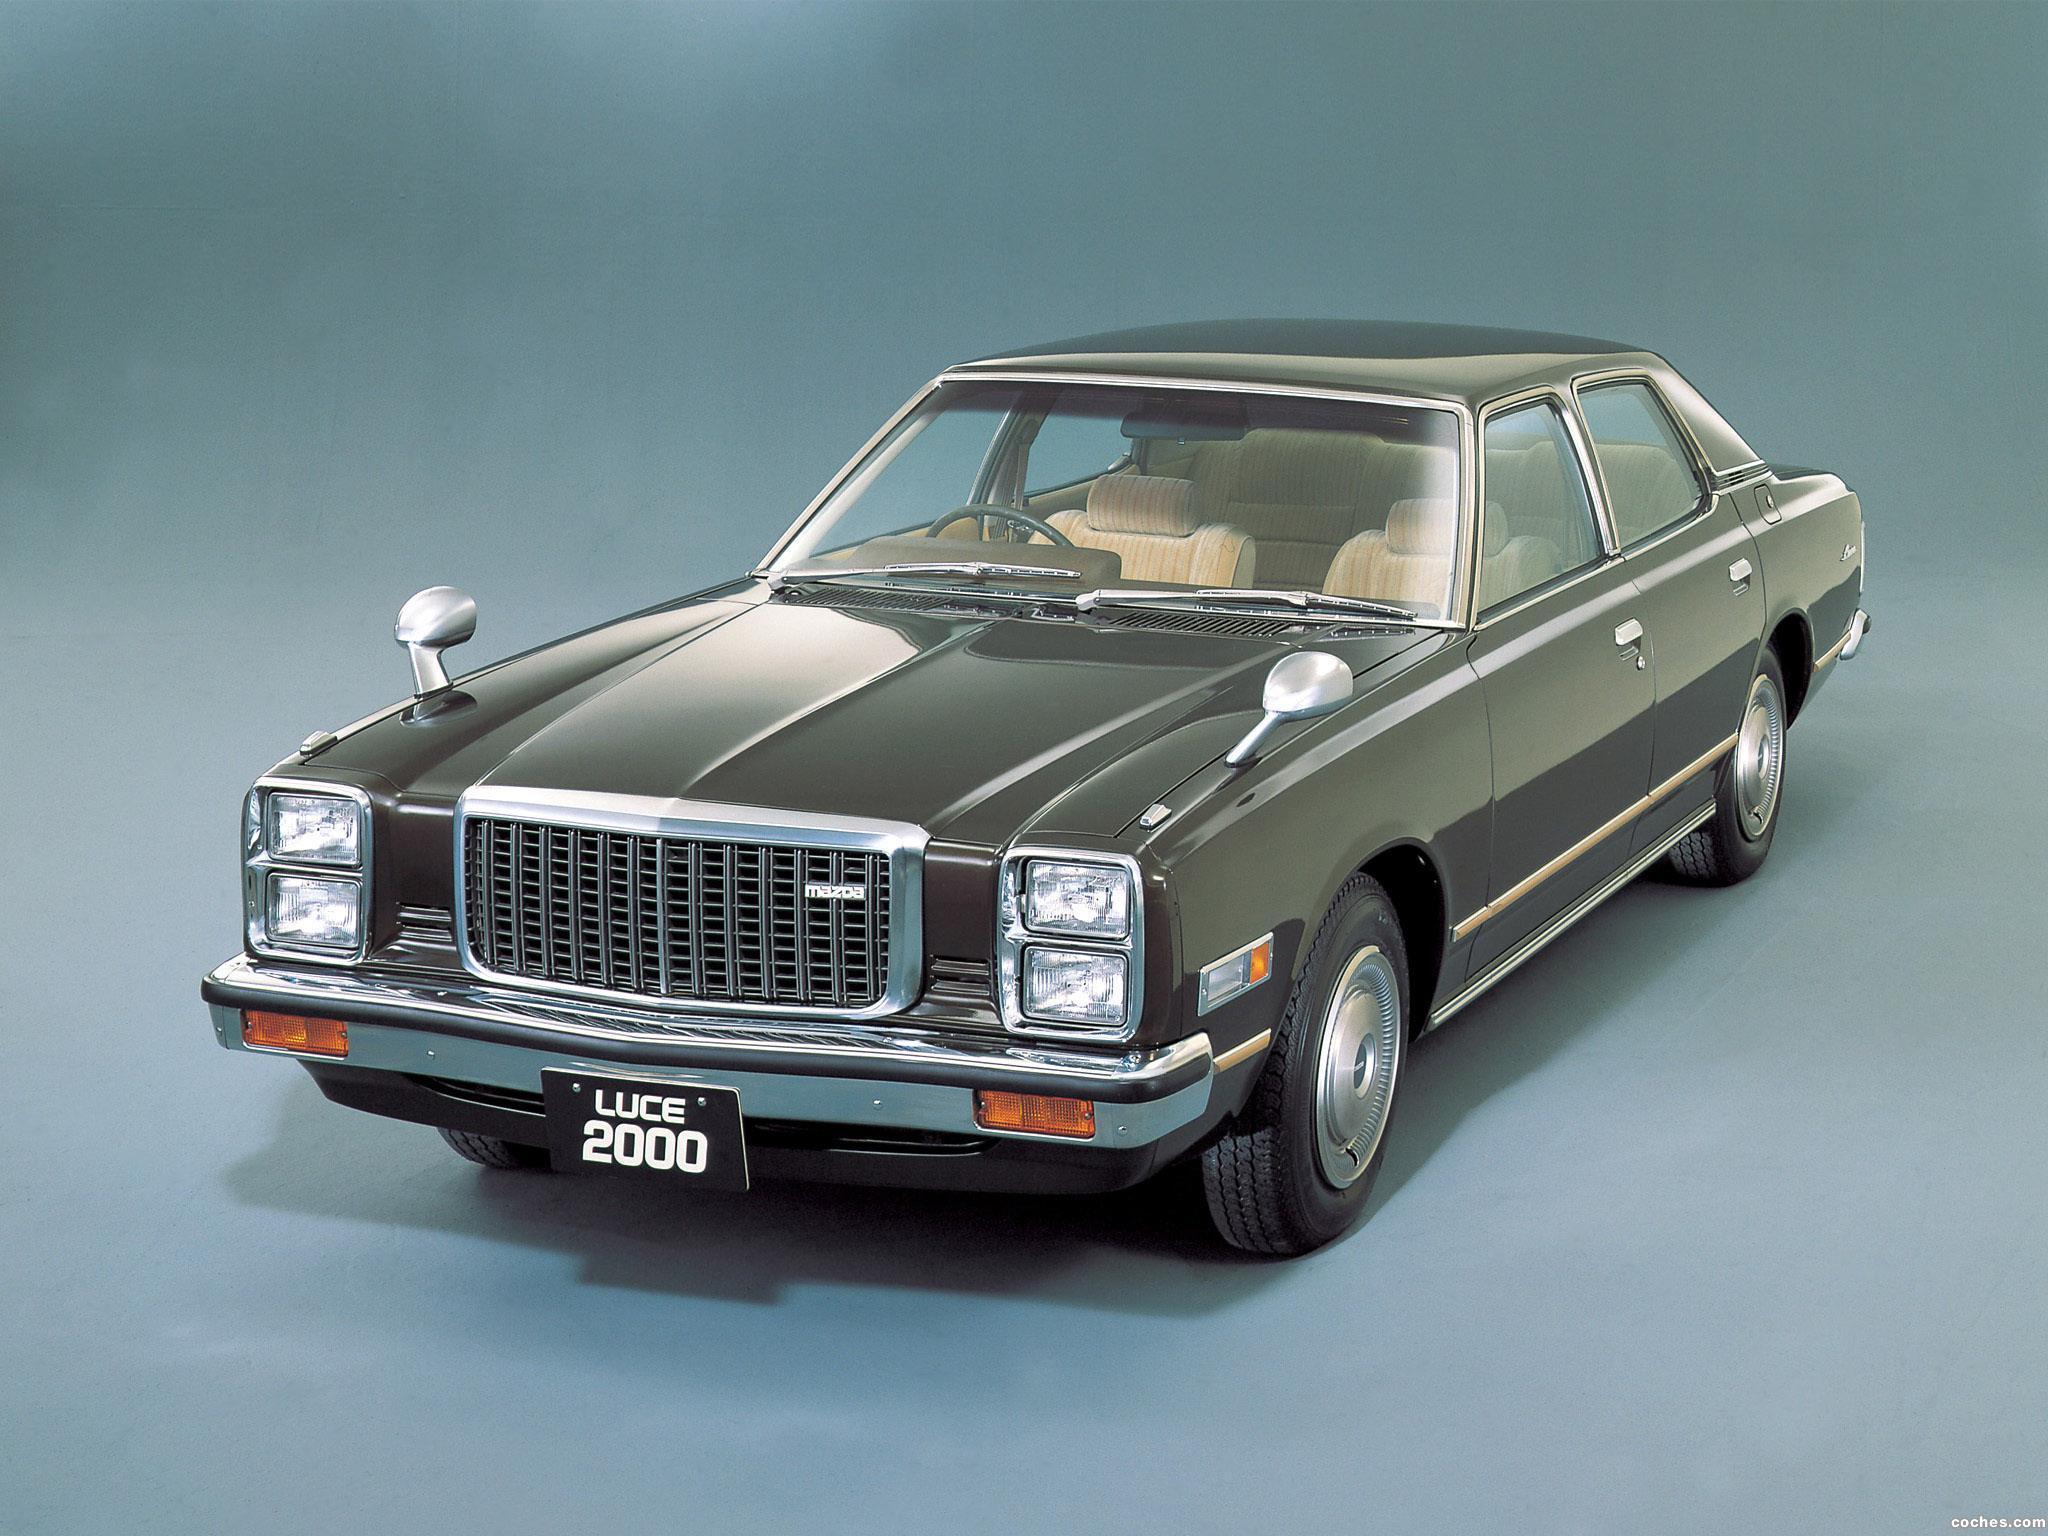 Foto 0 de Mazda Luce 2000 Regard 1978